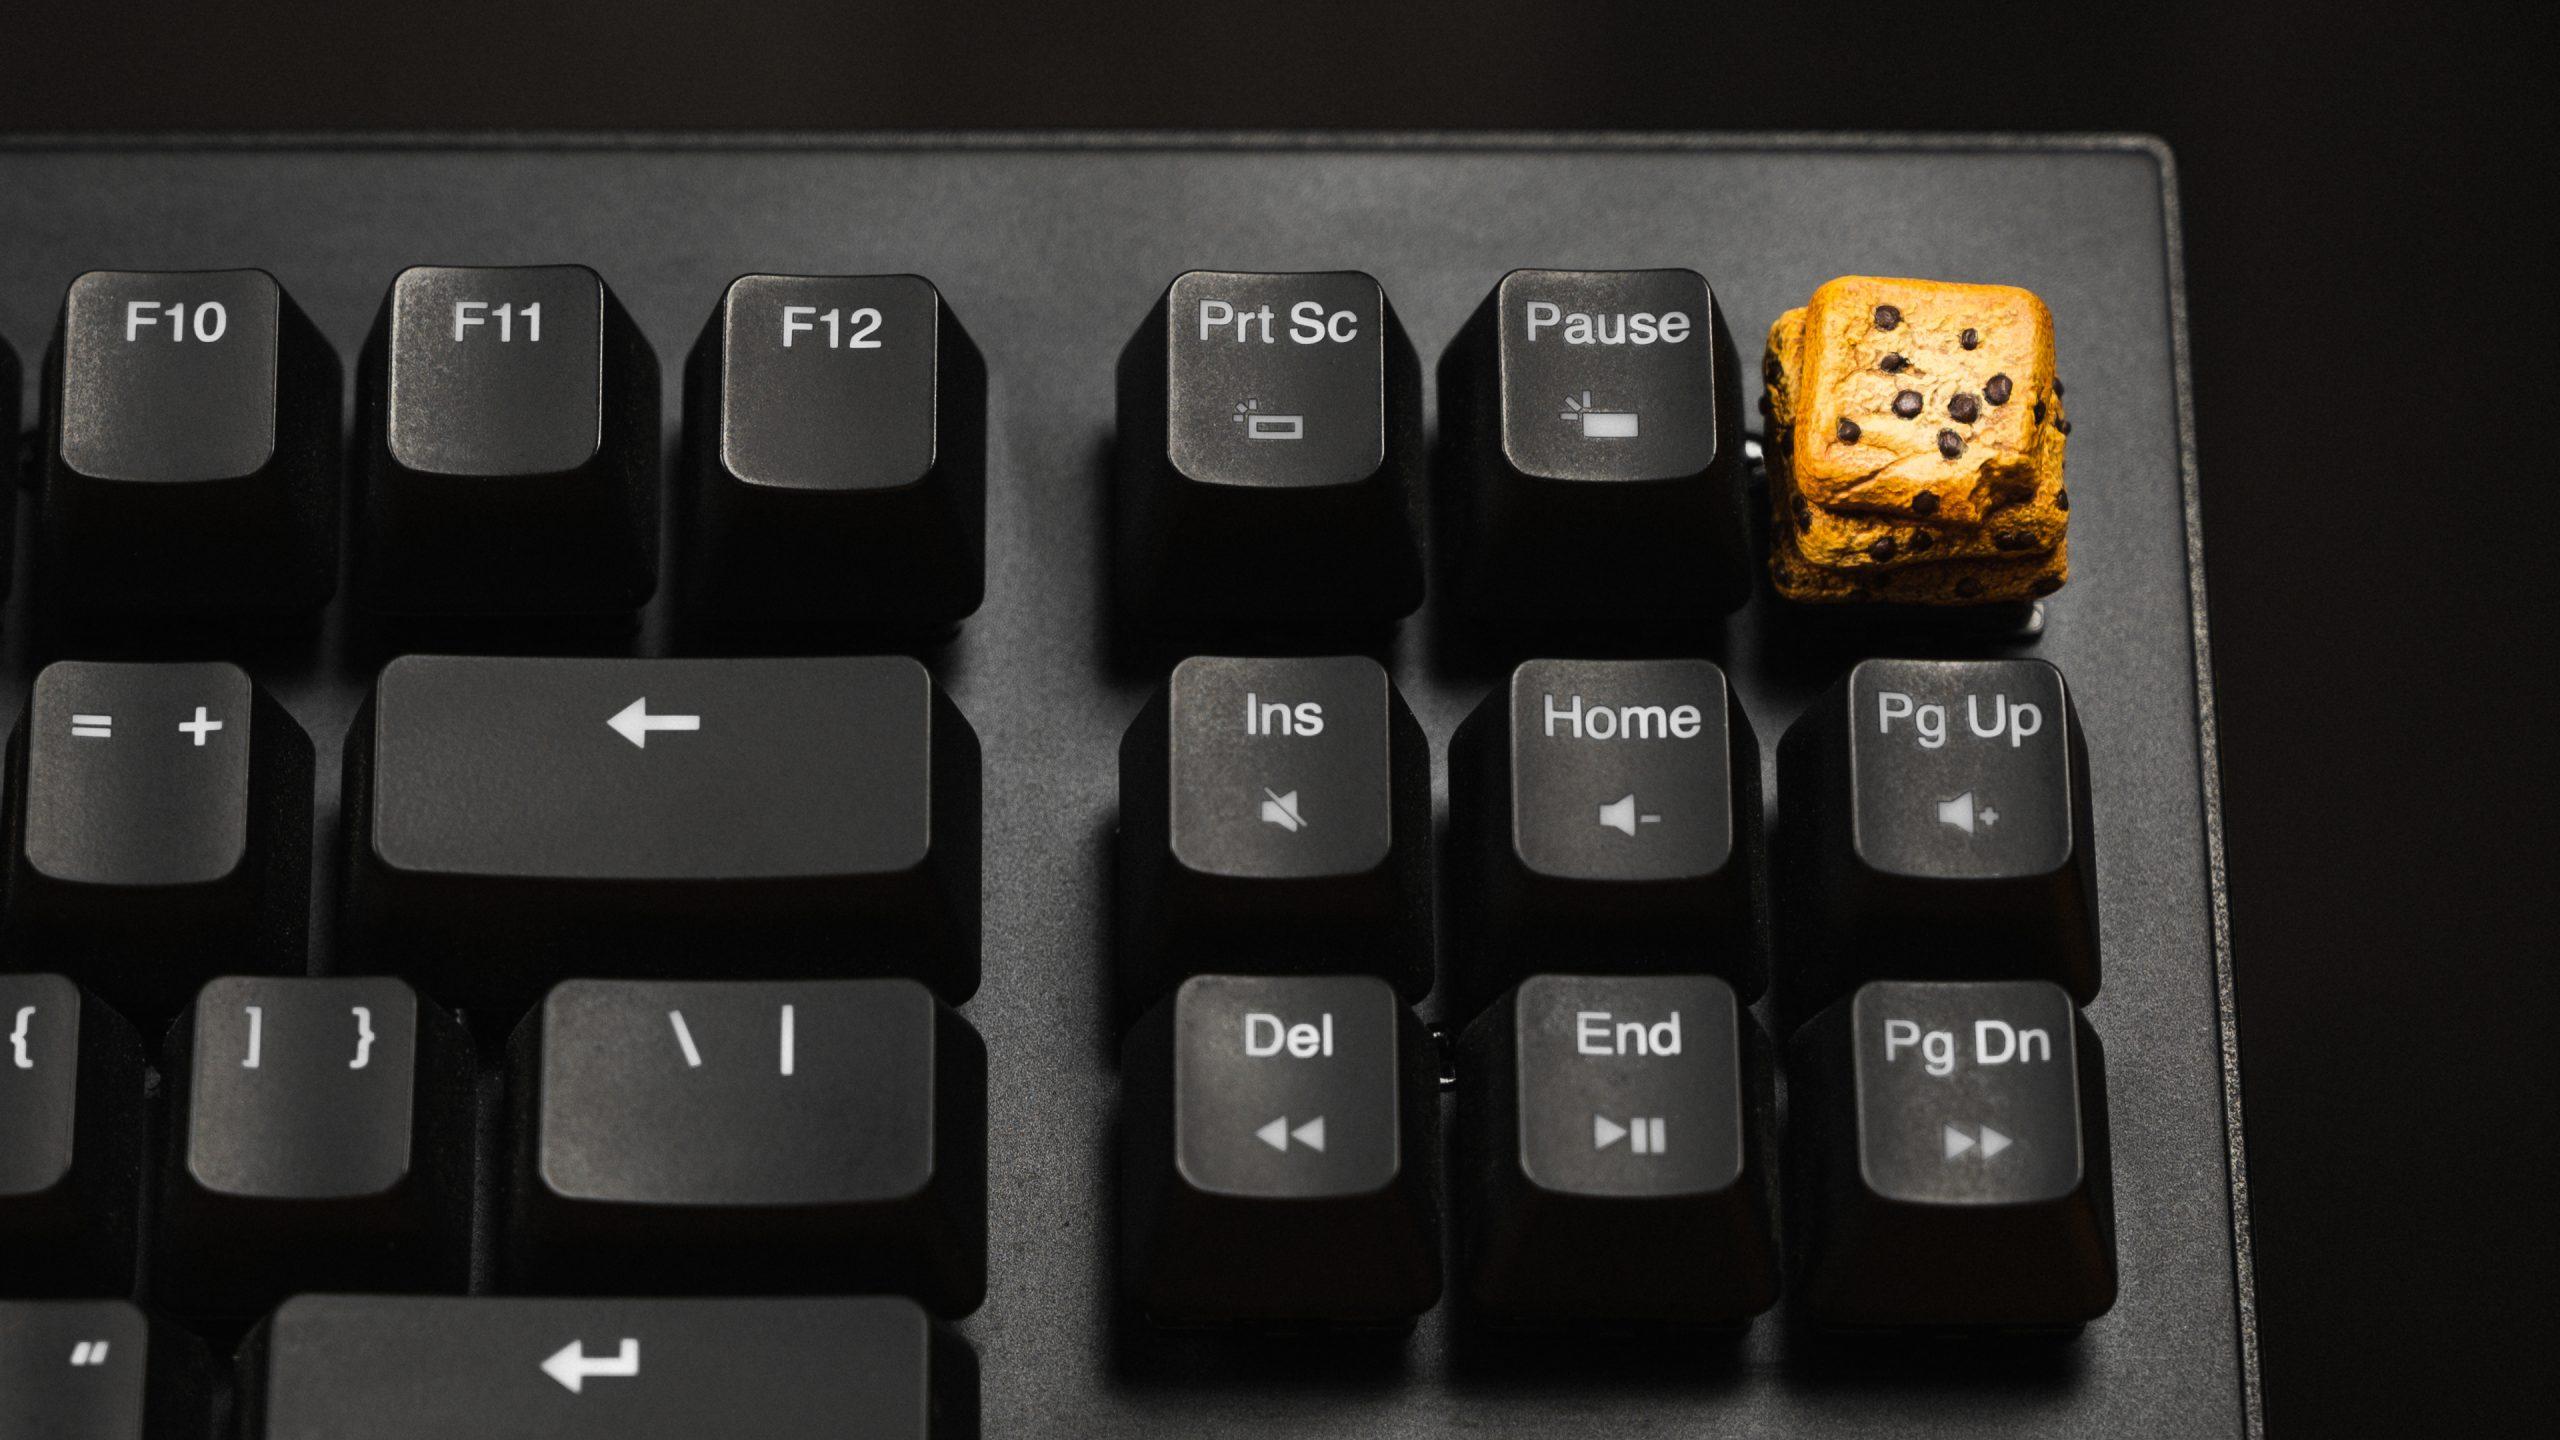 Foto van een custom keycap op de Mode-toets van een mechanisch toetsenbord.